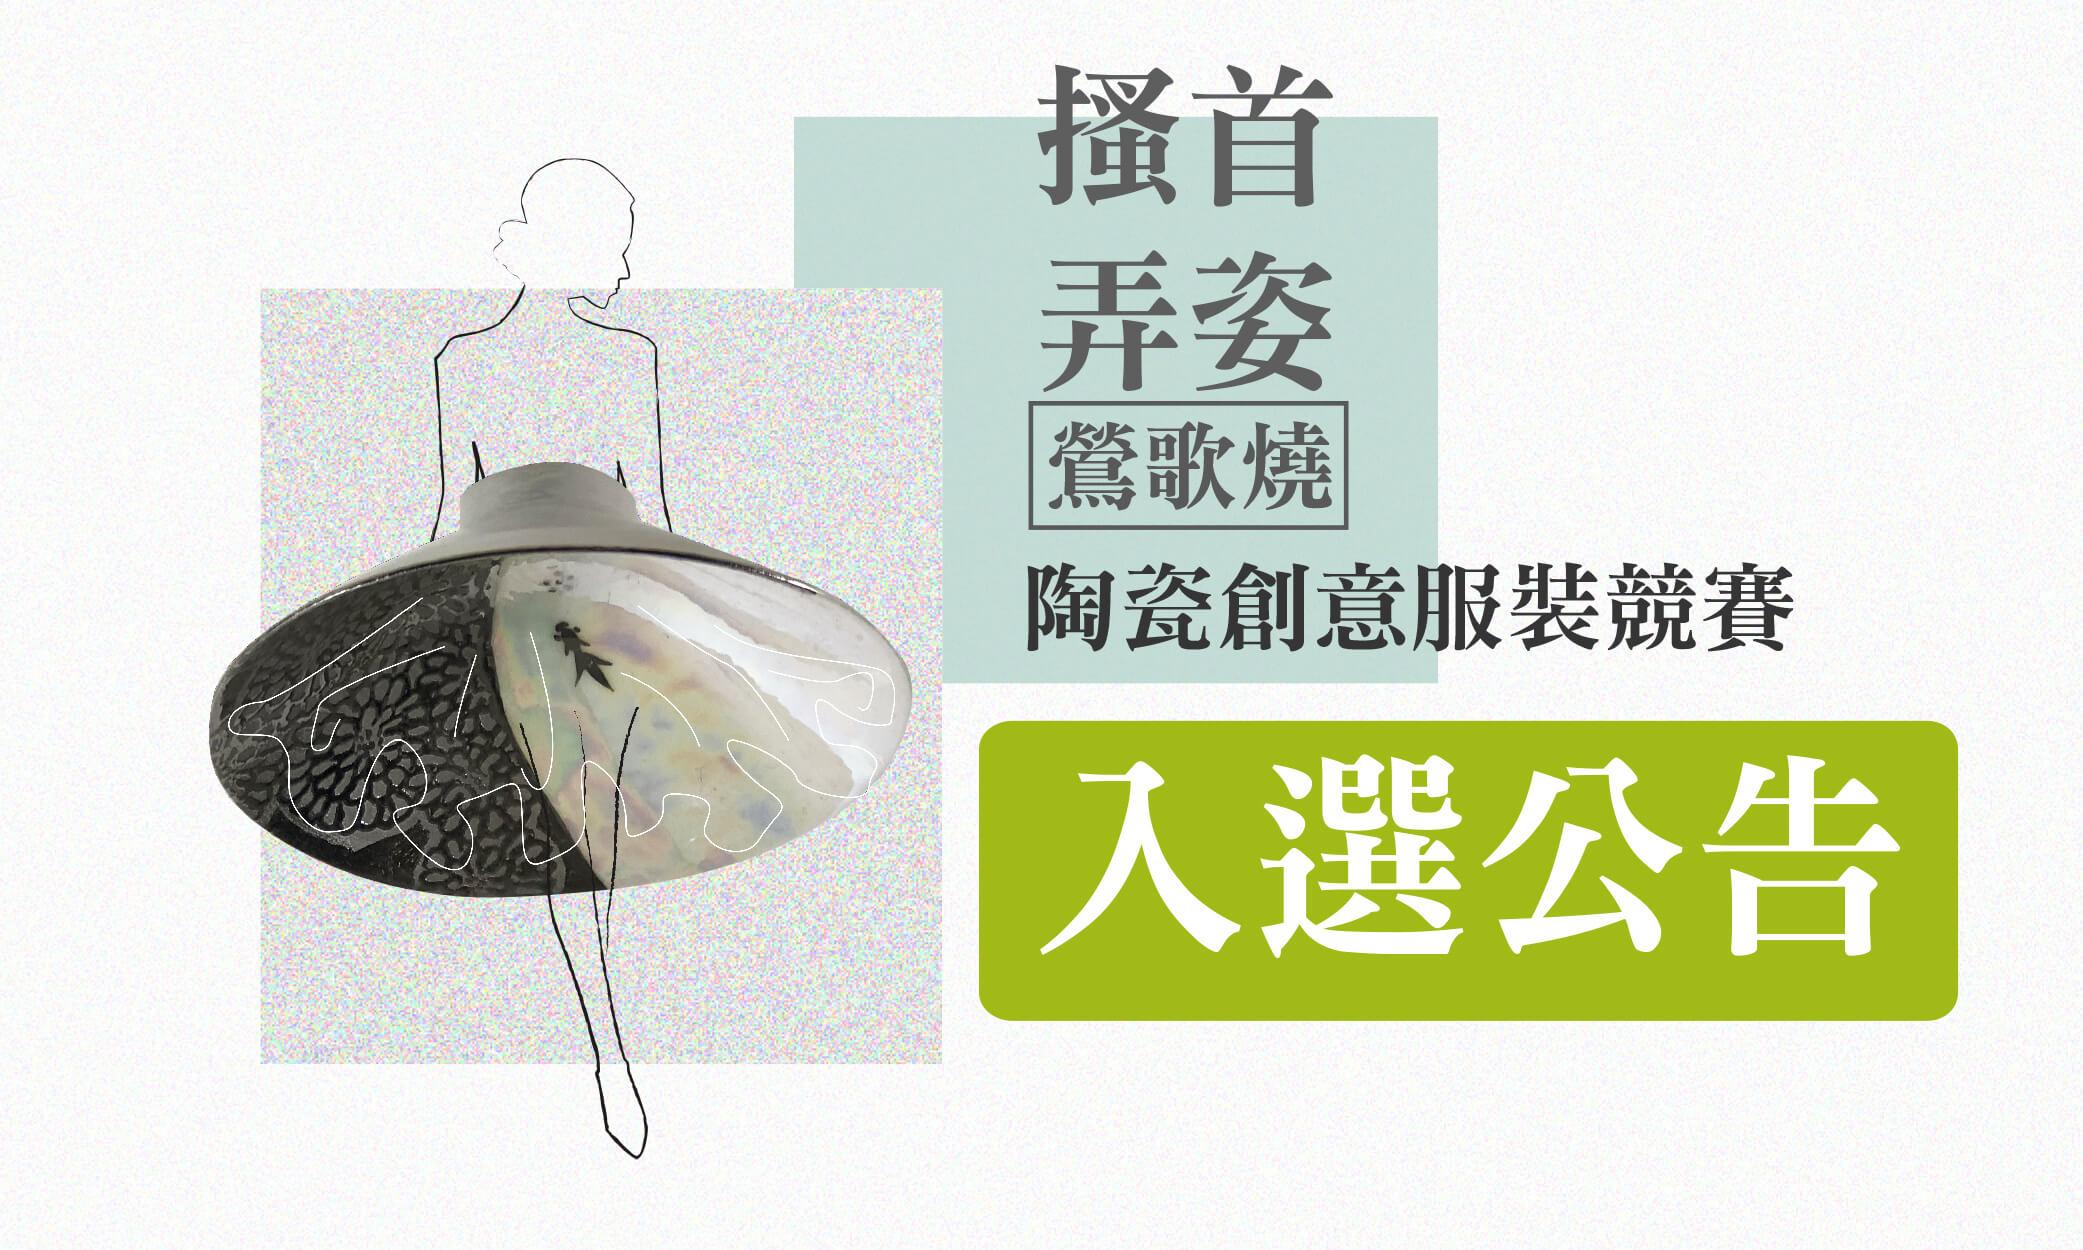 搔首弄姿鶯歌燒-陶瓷創意服裝競賽 入選公告